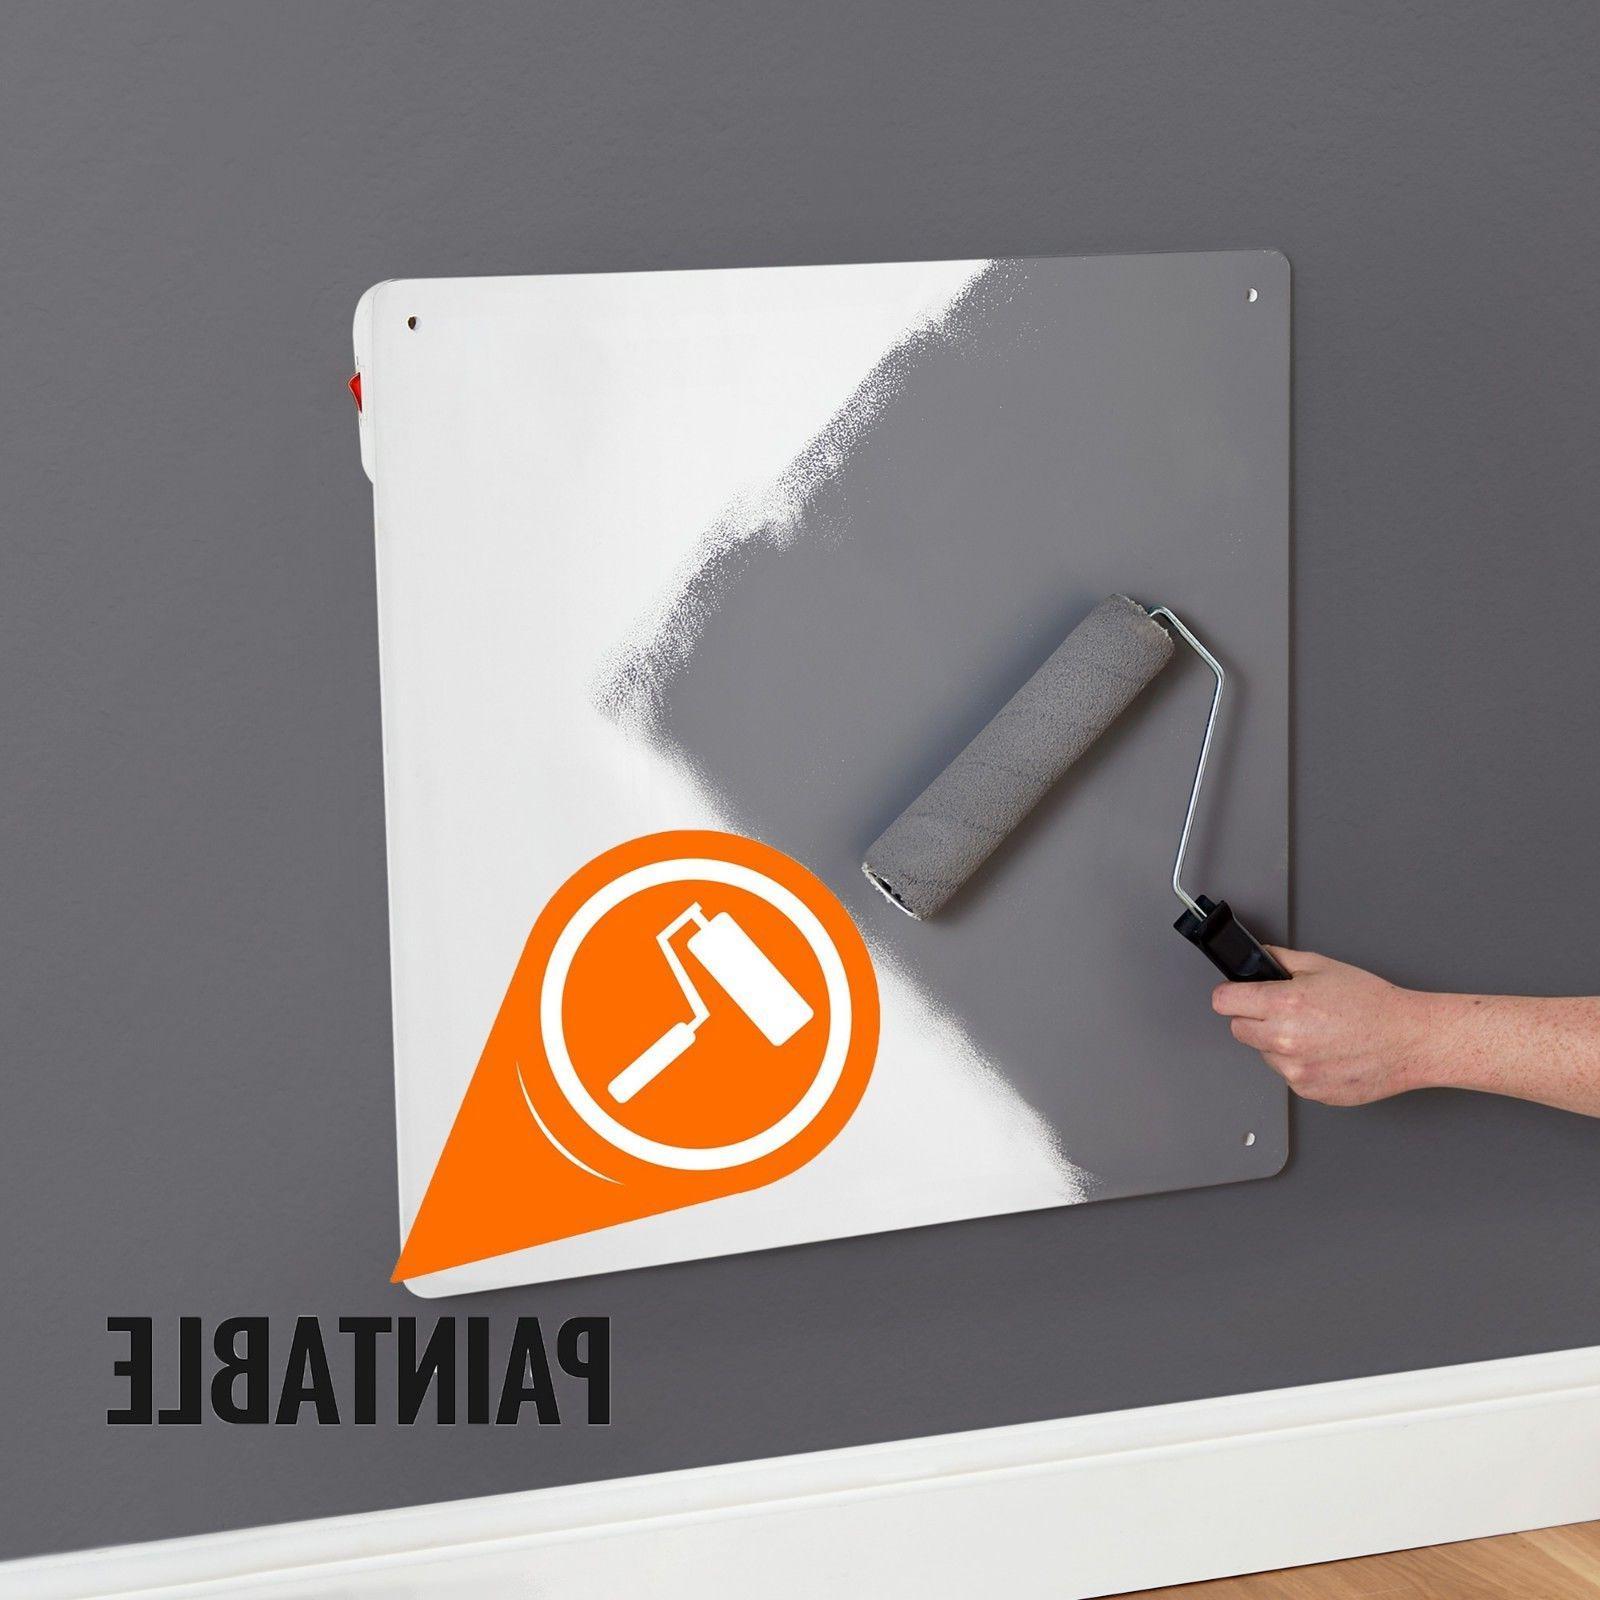 VonHaus 400W Electric Heater Eco Heater